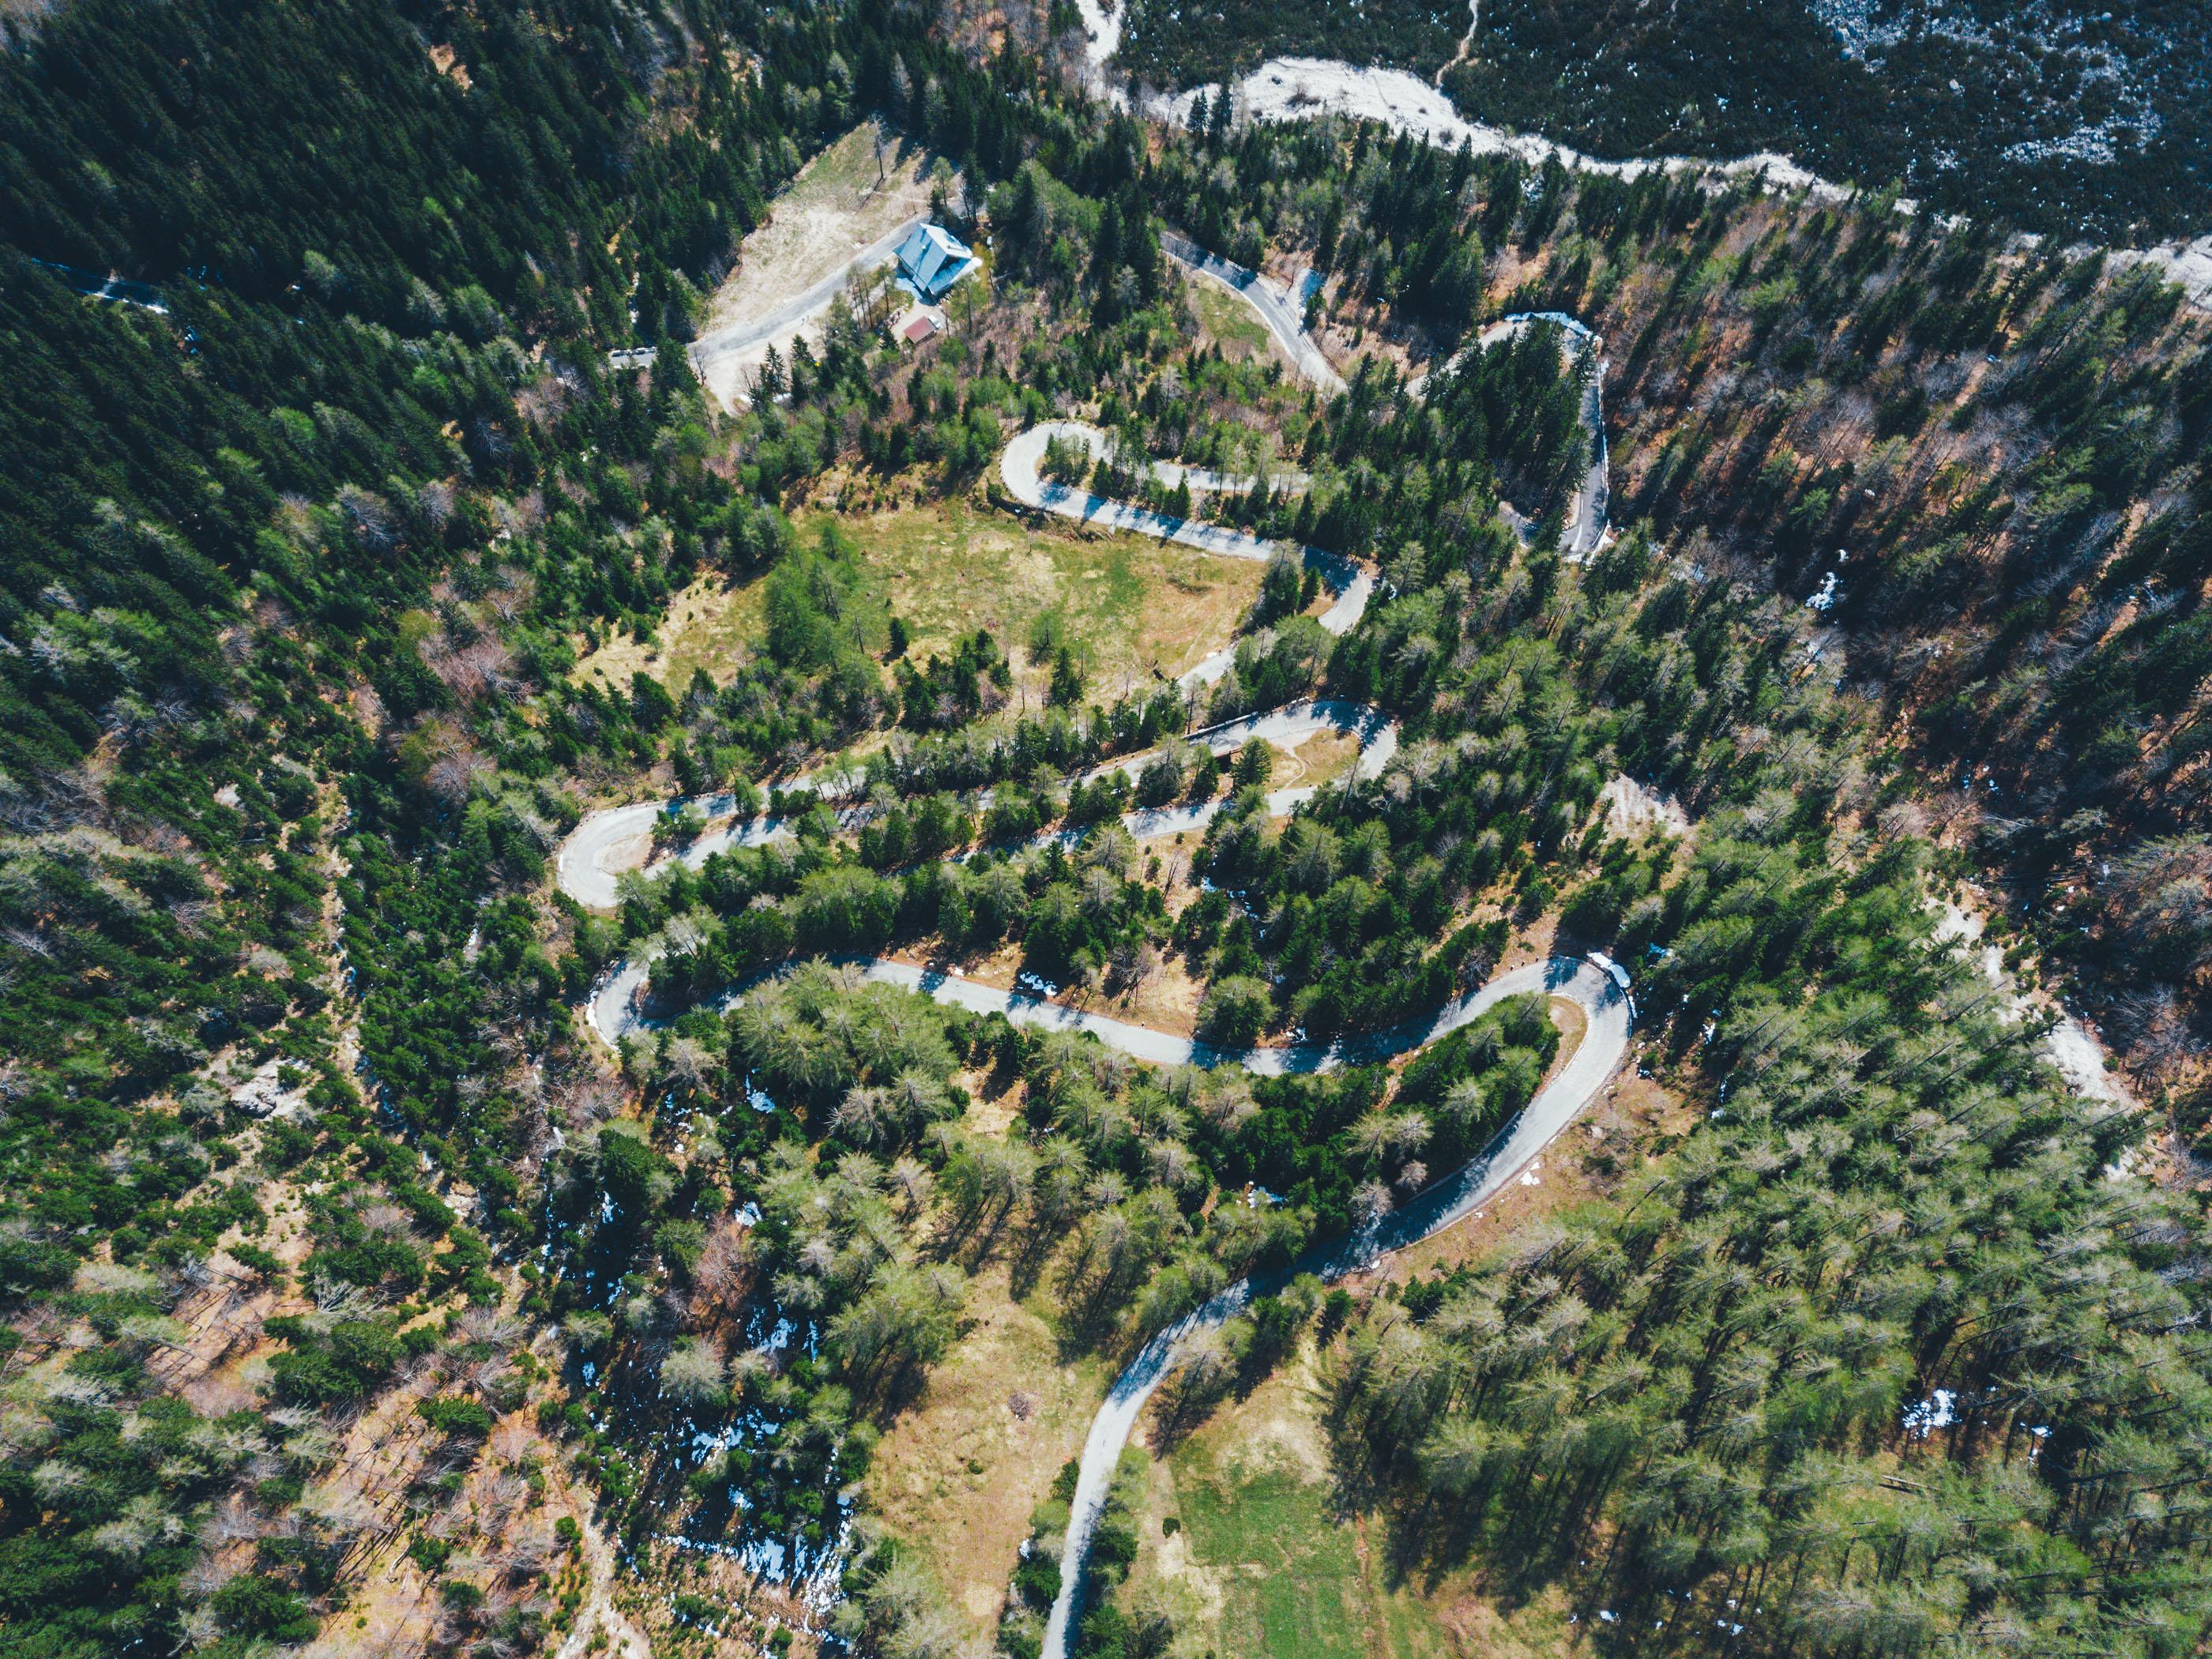 Vršič Pass winding road